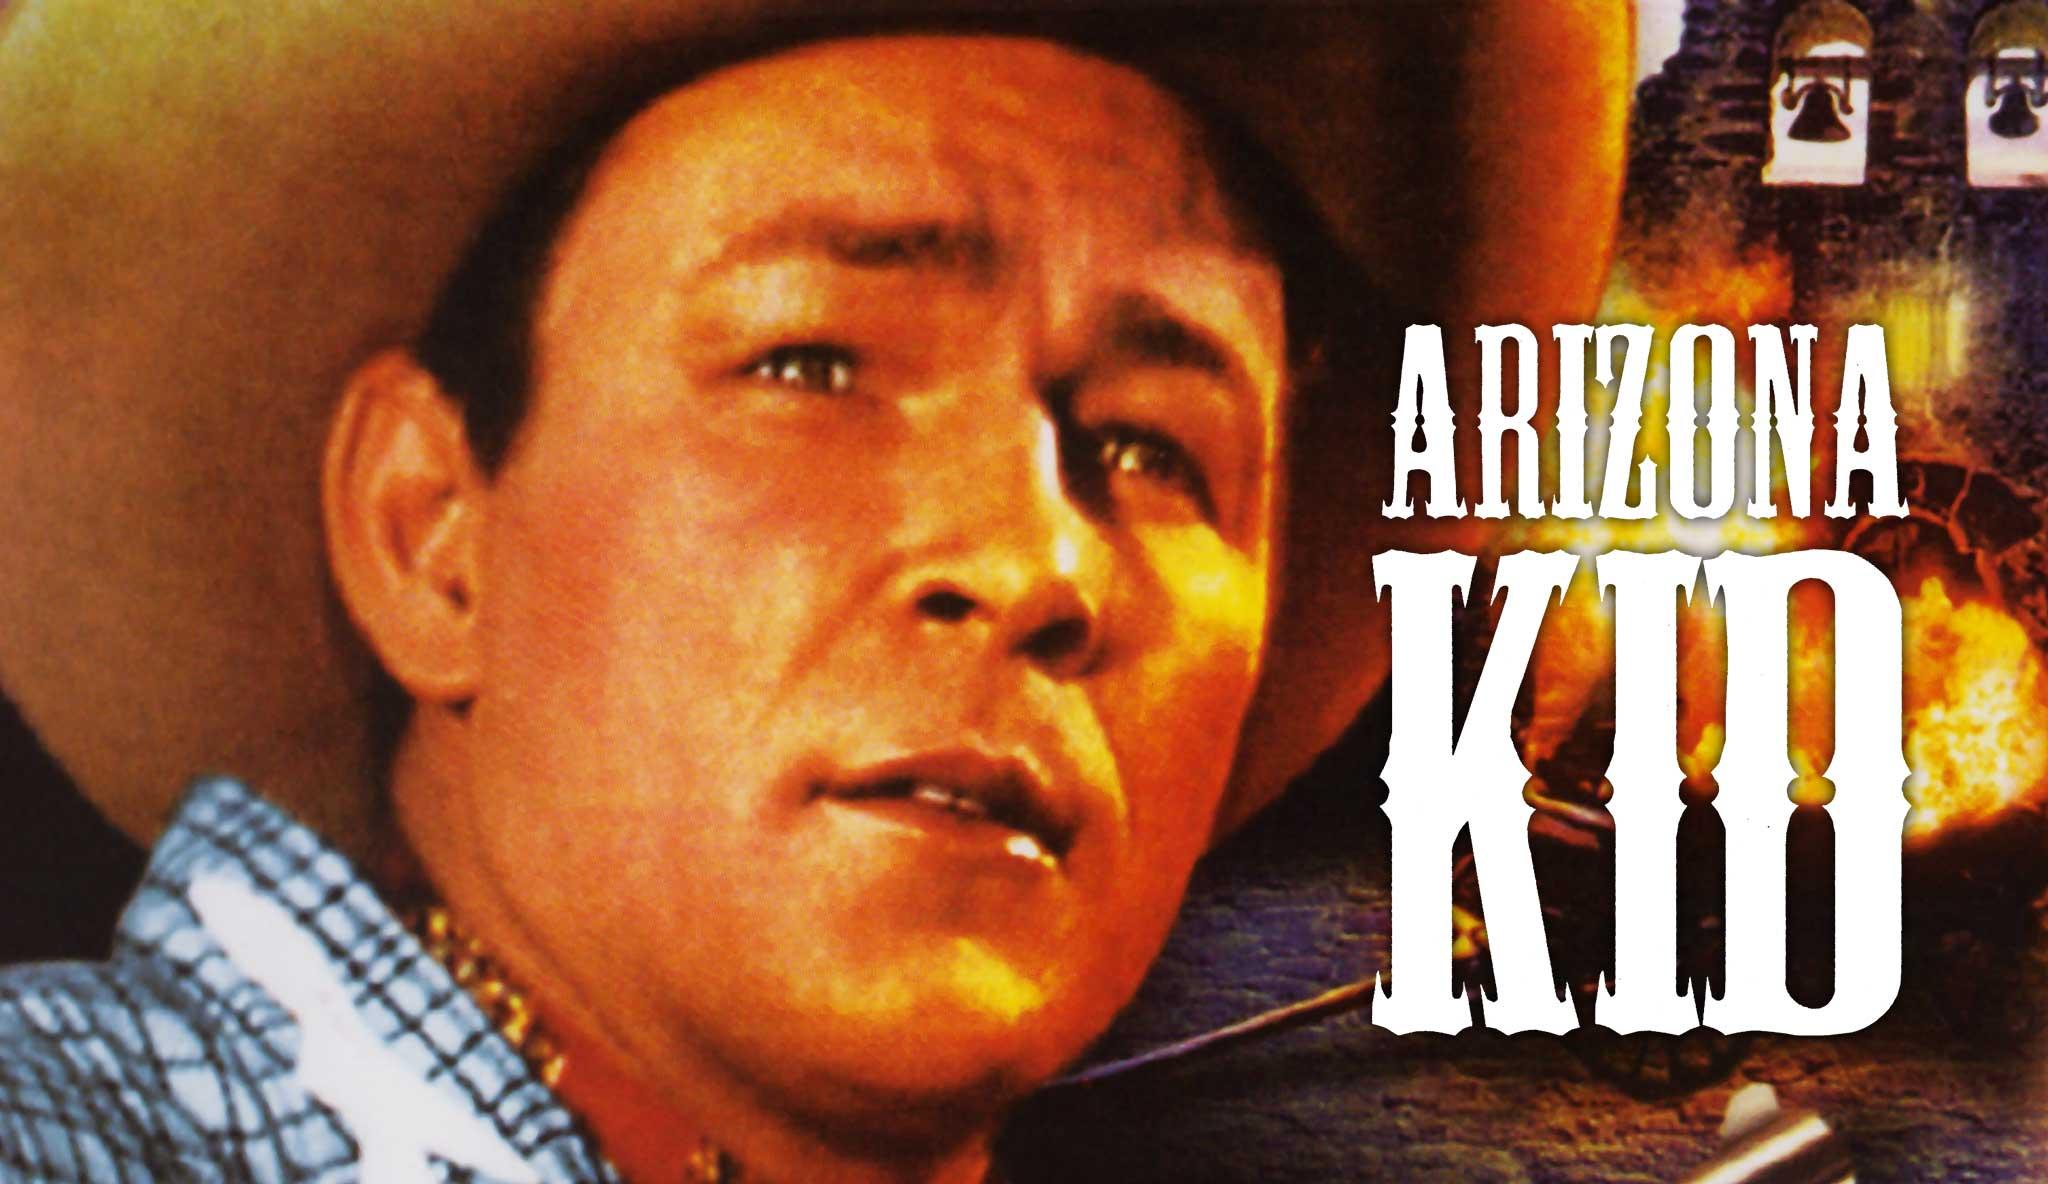 arizona-kid\header.jpg